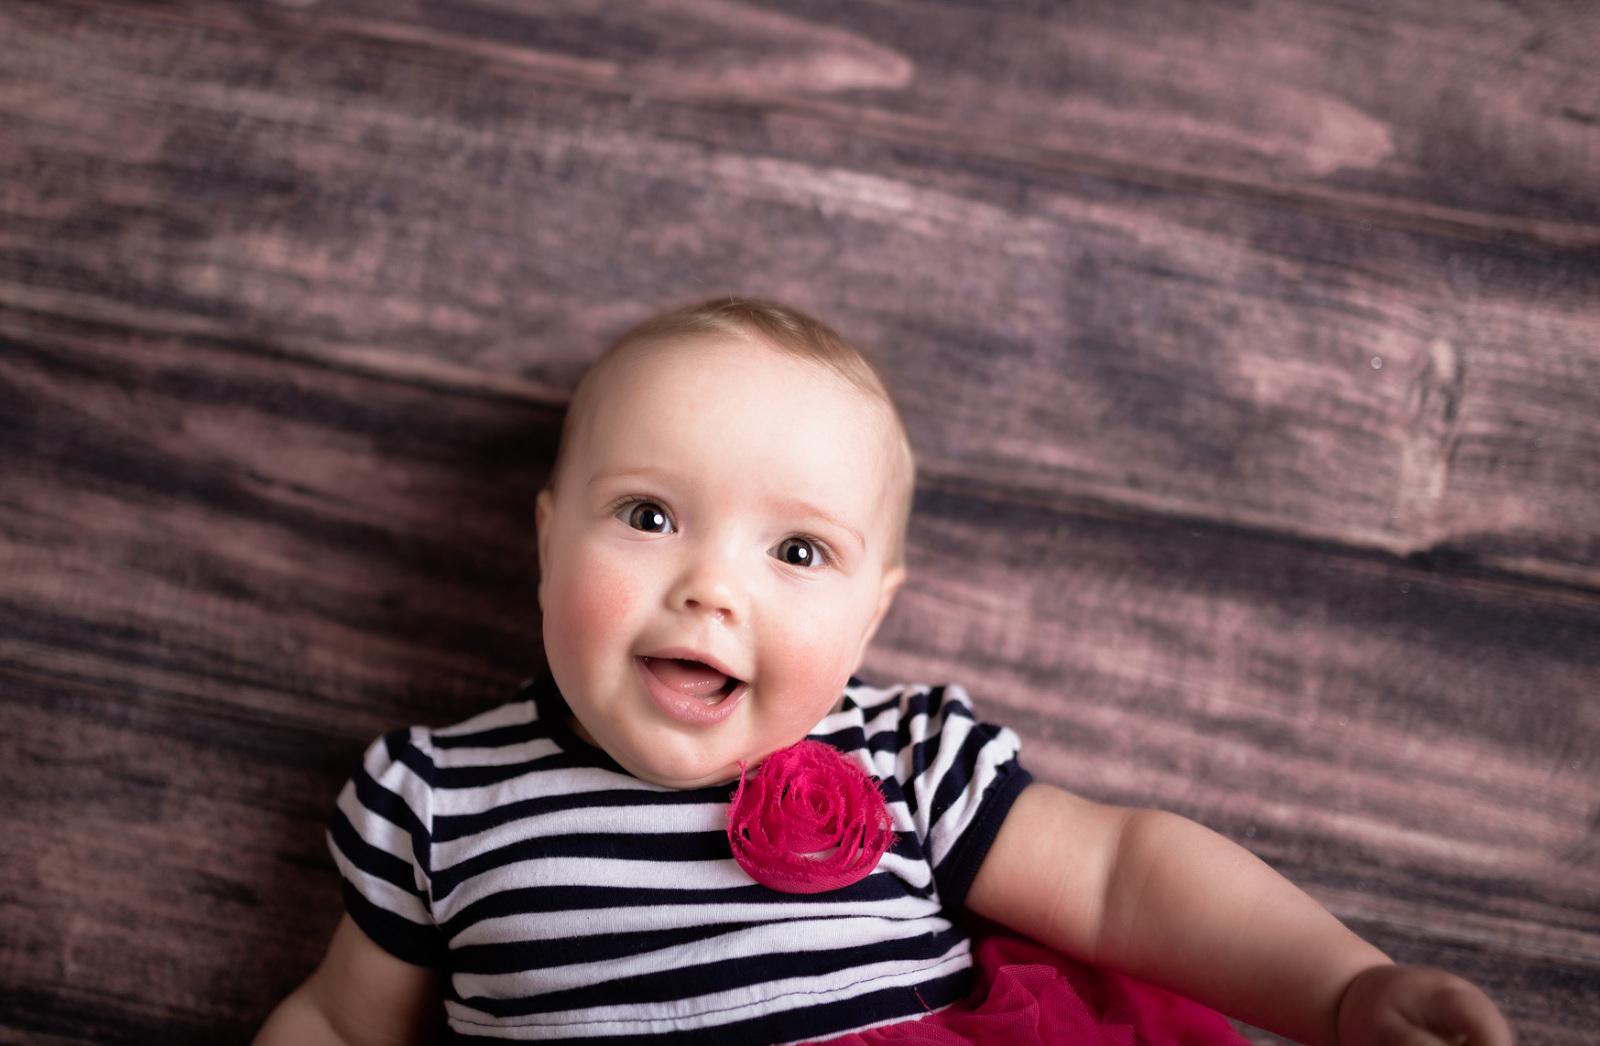 six month baby girl on wood floor